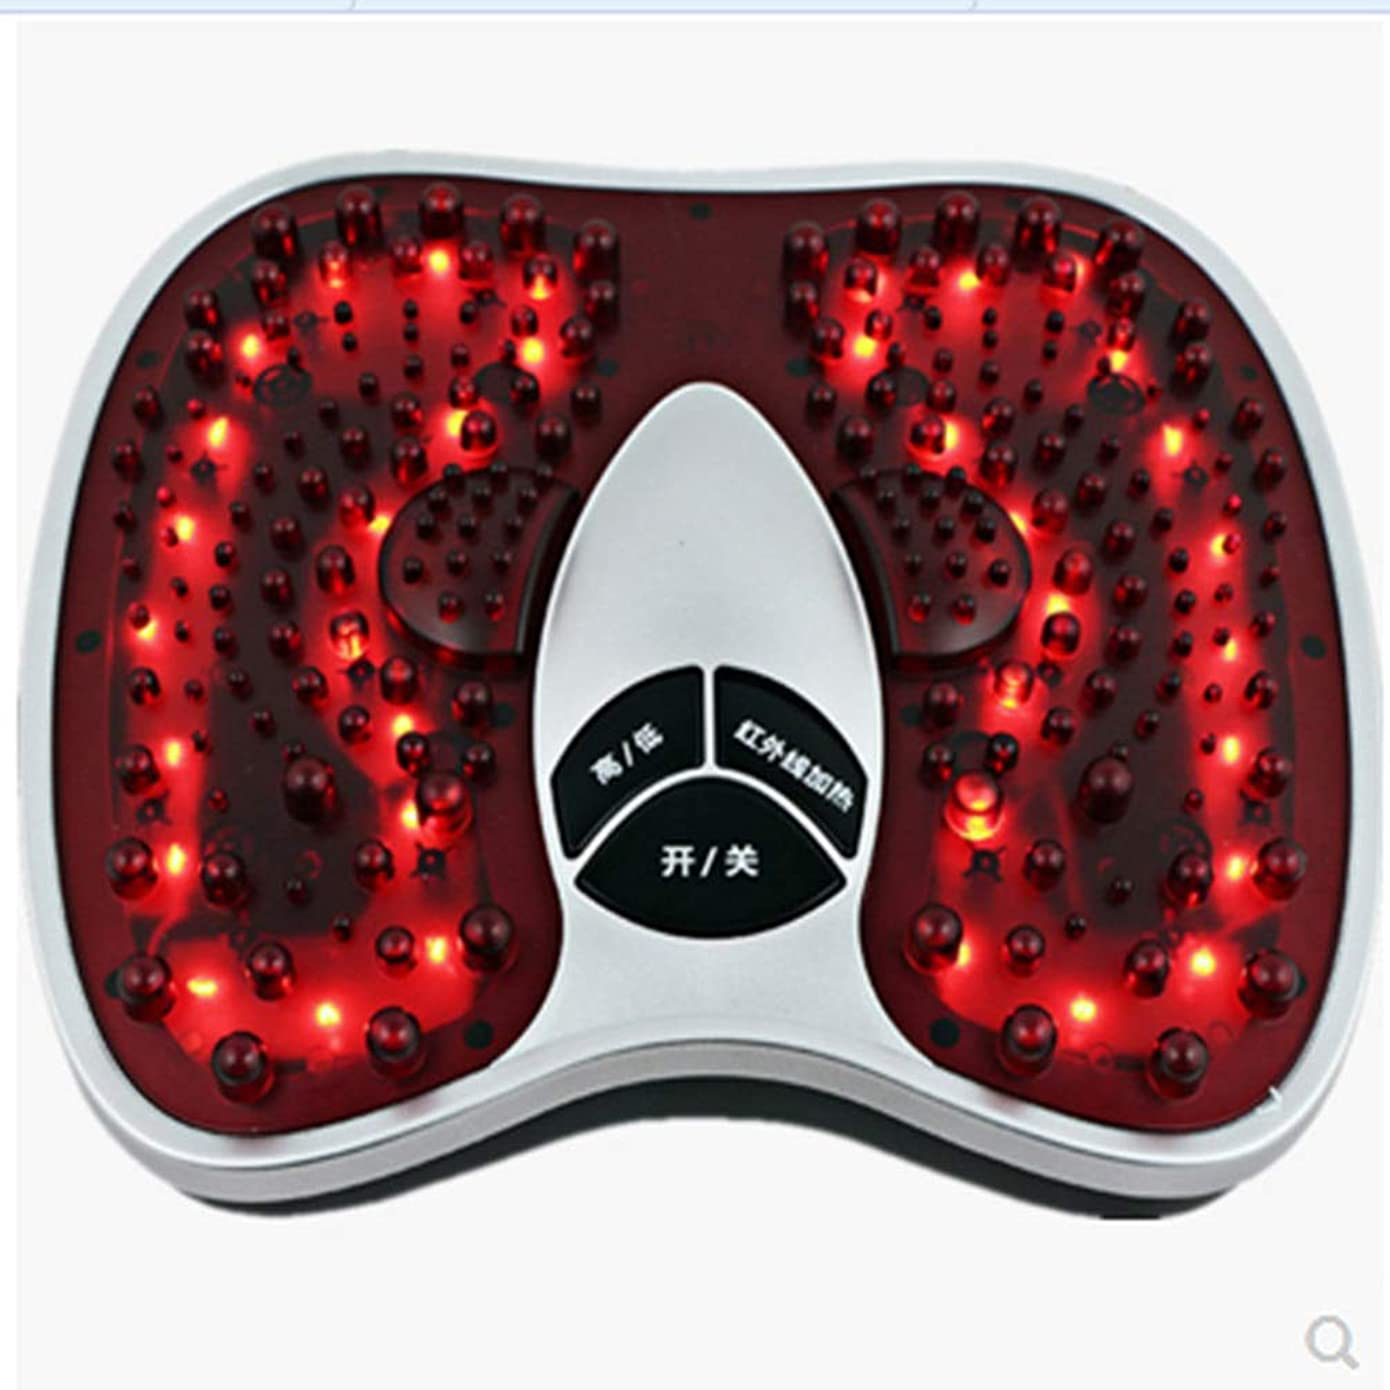 ソビエト支払い苦味電気の フットマッサージ(熱を含む)、フルマッサージを体験する202マッサージヘッド、硬い筋肉を柔らかくする、循環を改善する、痛みを軽減する治療 人間工学的デザイン, red